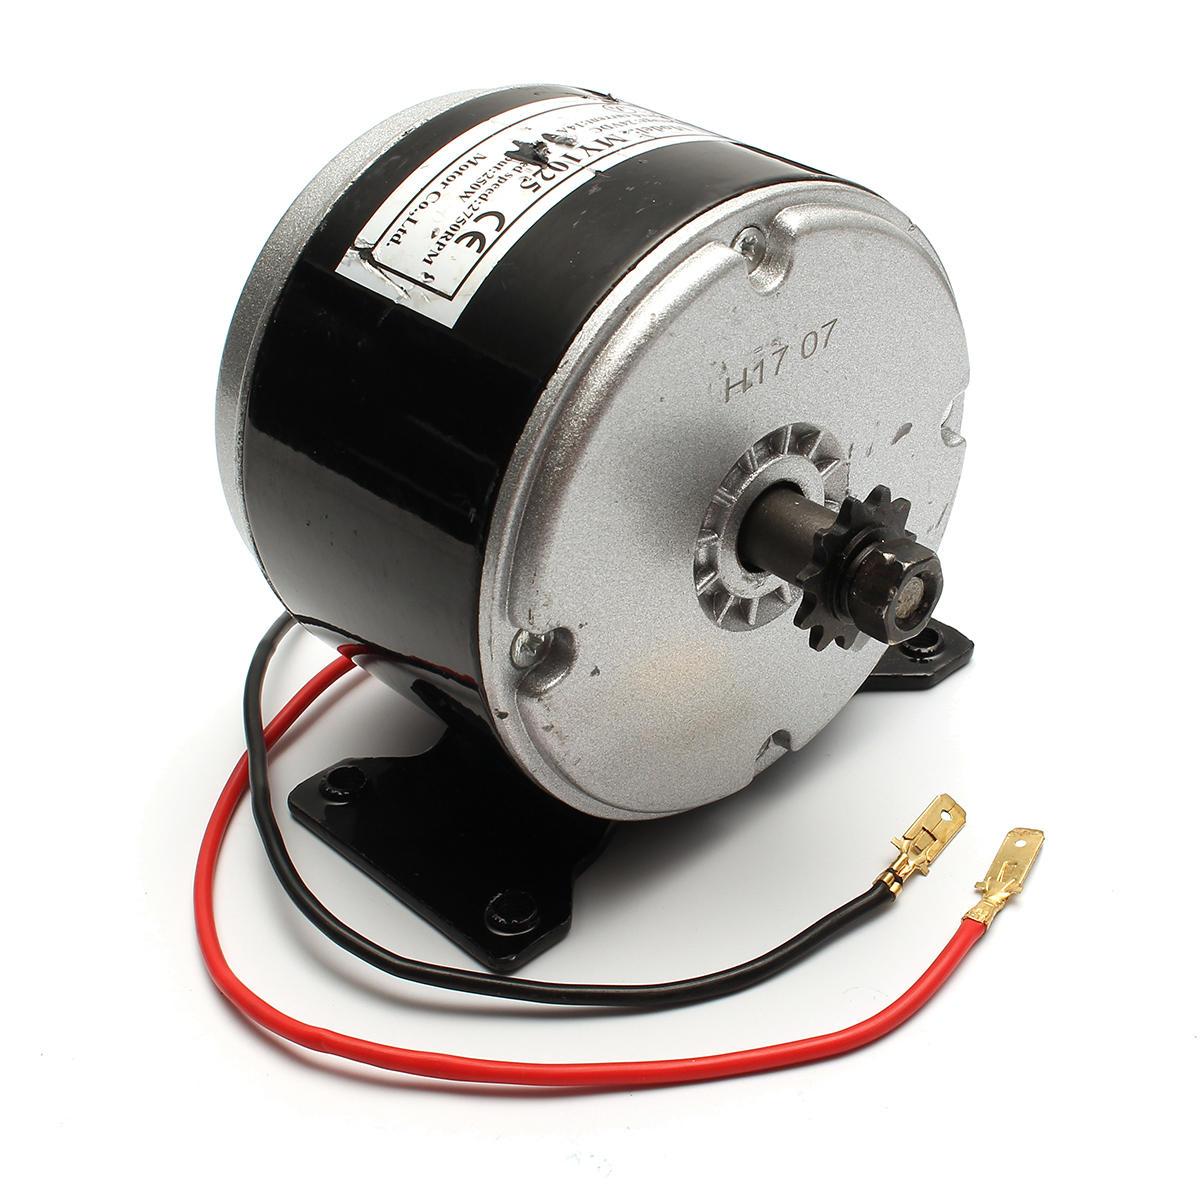 24V 200W 2750 tr / min Motopropulseur électrique bicyclette Scooter dans le sens des aiguilles d'une montre 2 fils ZY1016